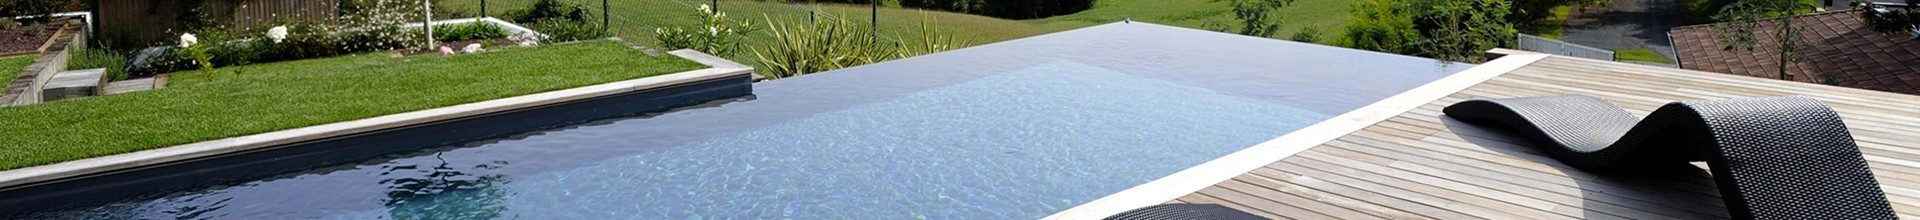 ✅  Container piscine hors sol sans permis 5M25x2M55x1M26